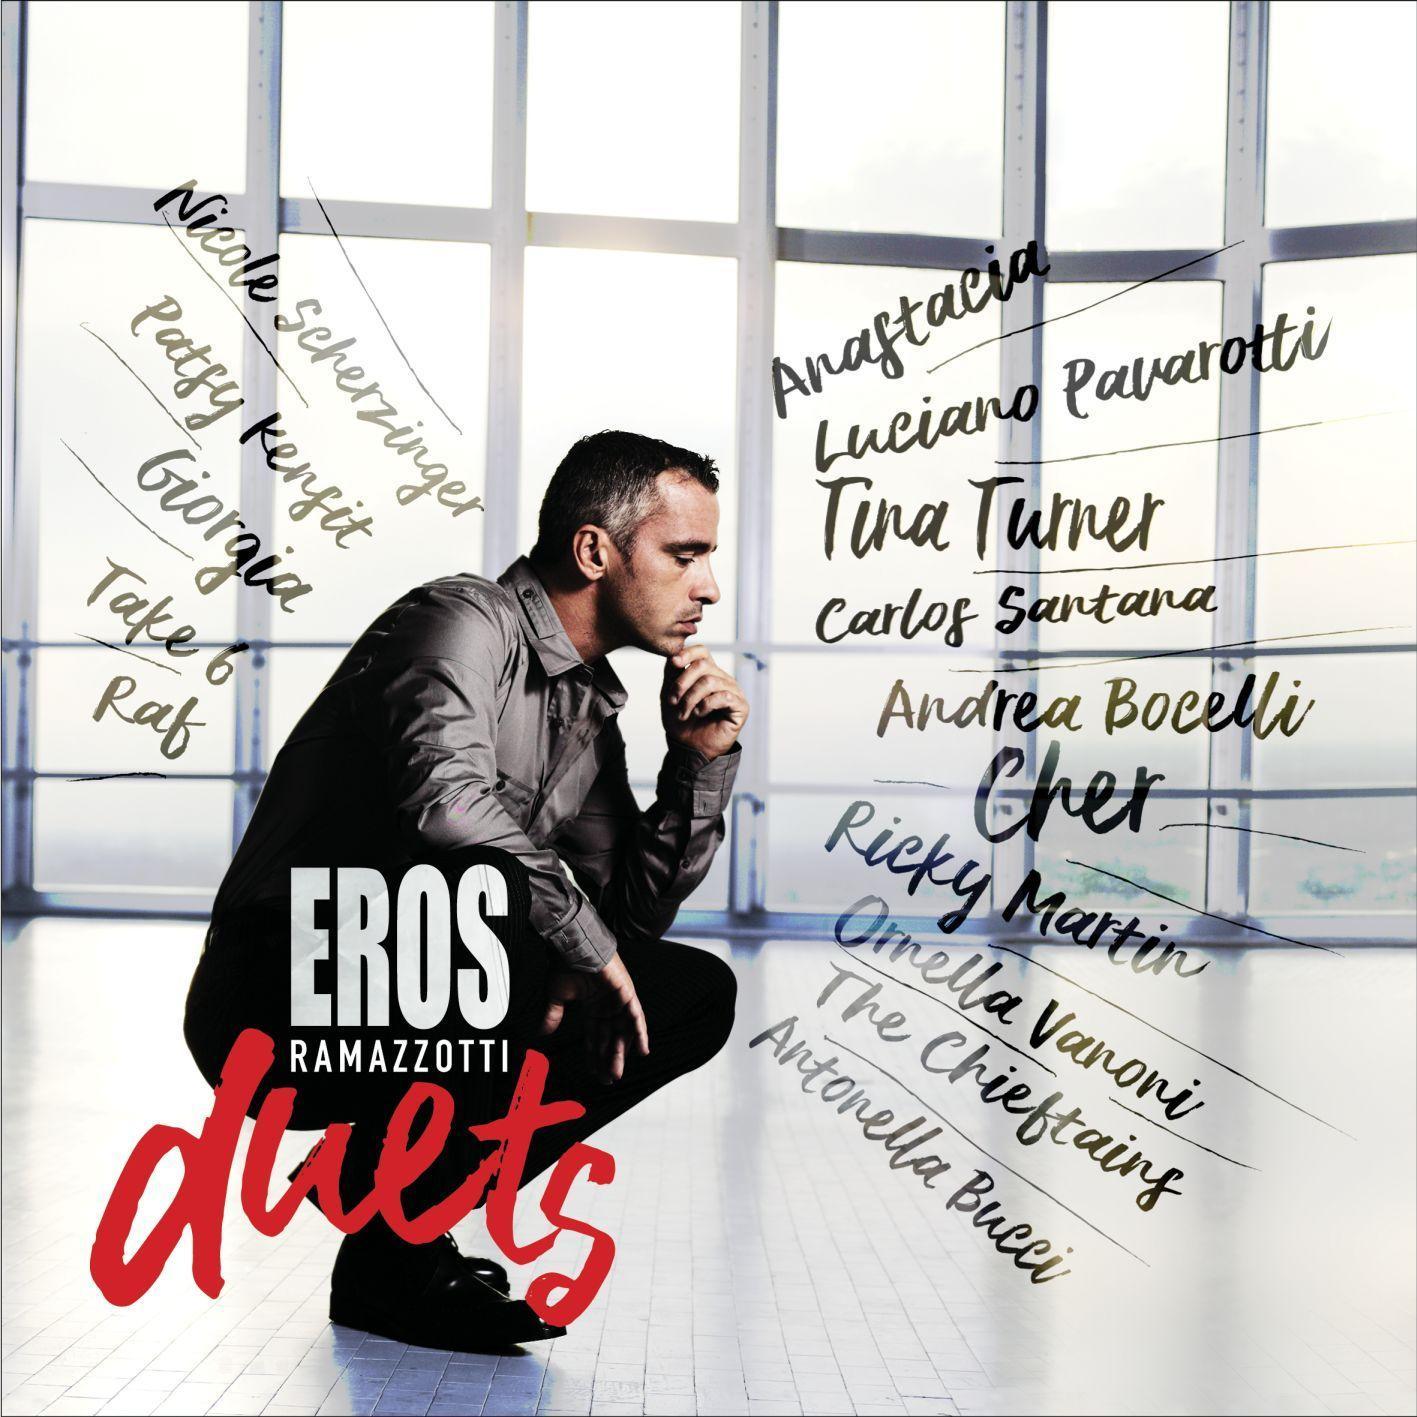 Esce Eros Duets, i duetti di Ramazzotti